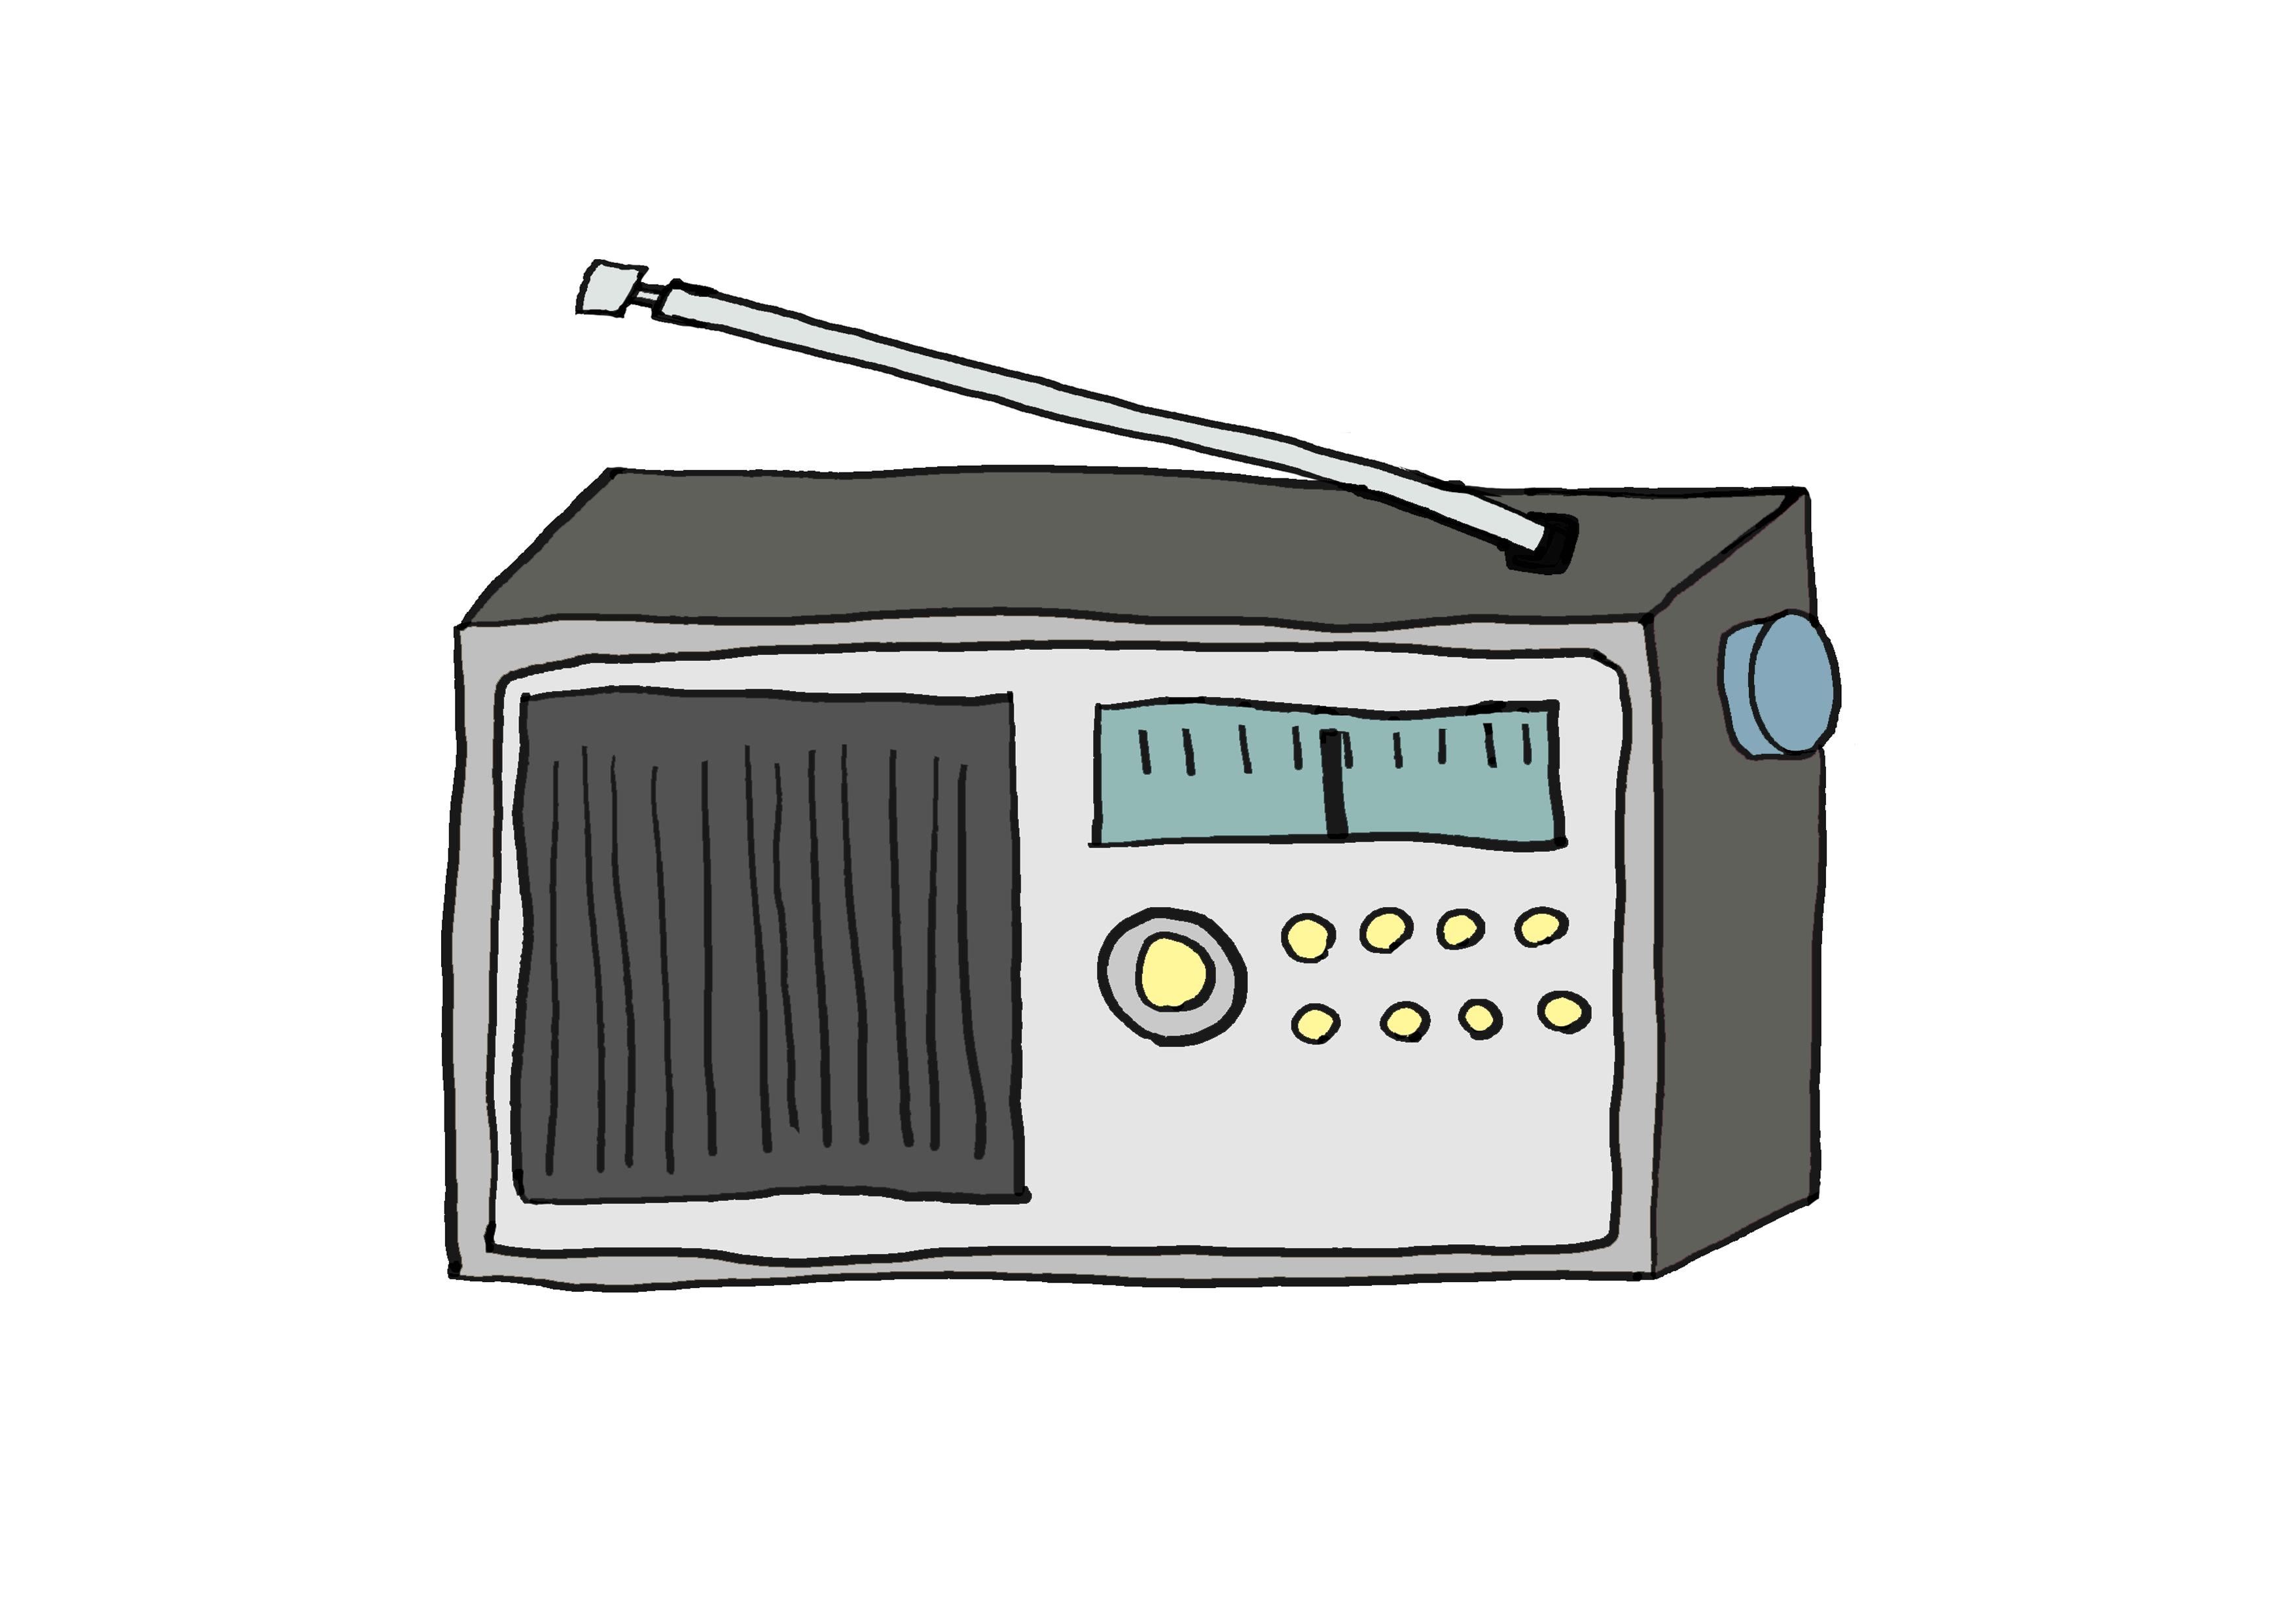 商用フリーイラスト【ラジオ】